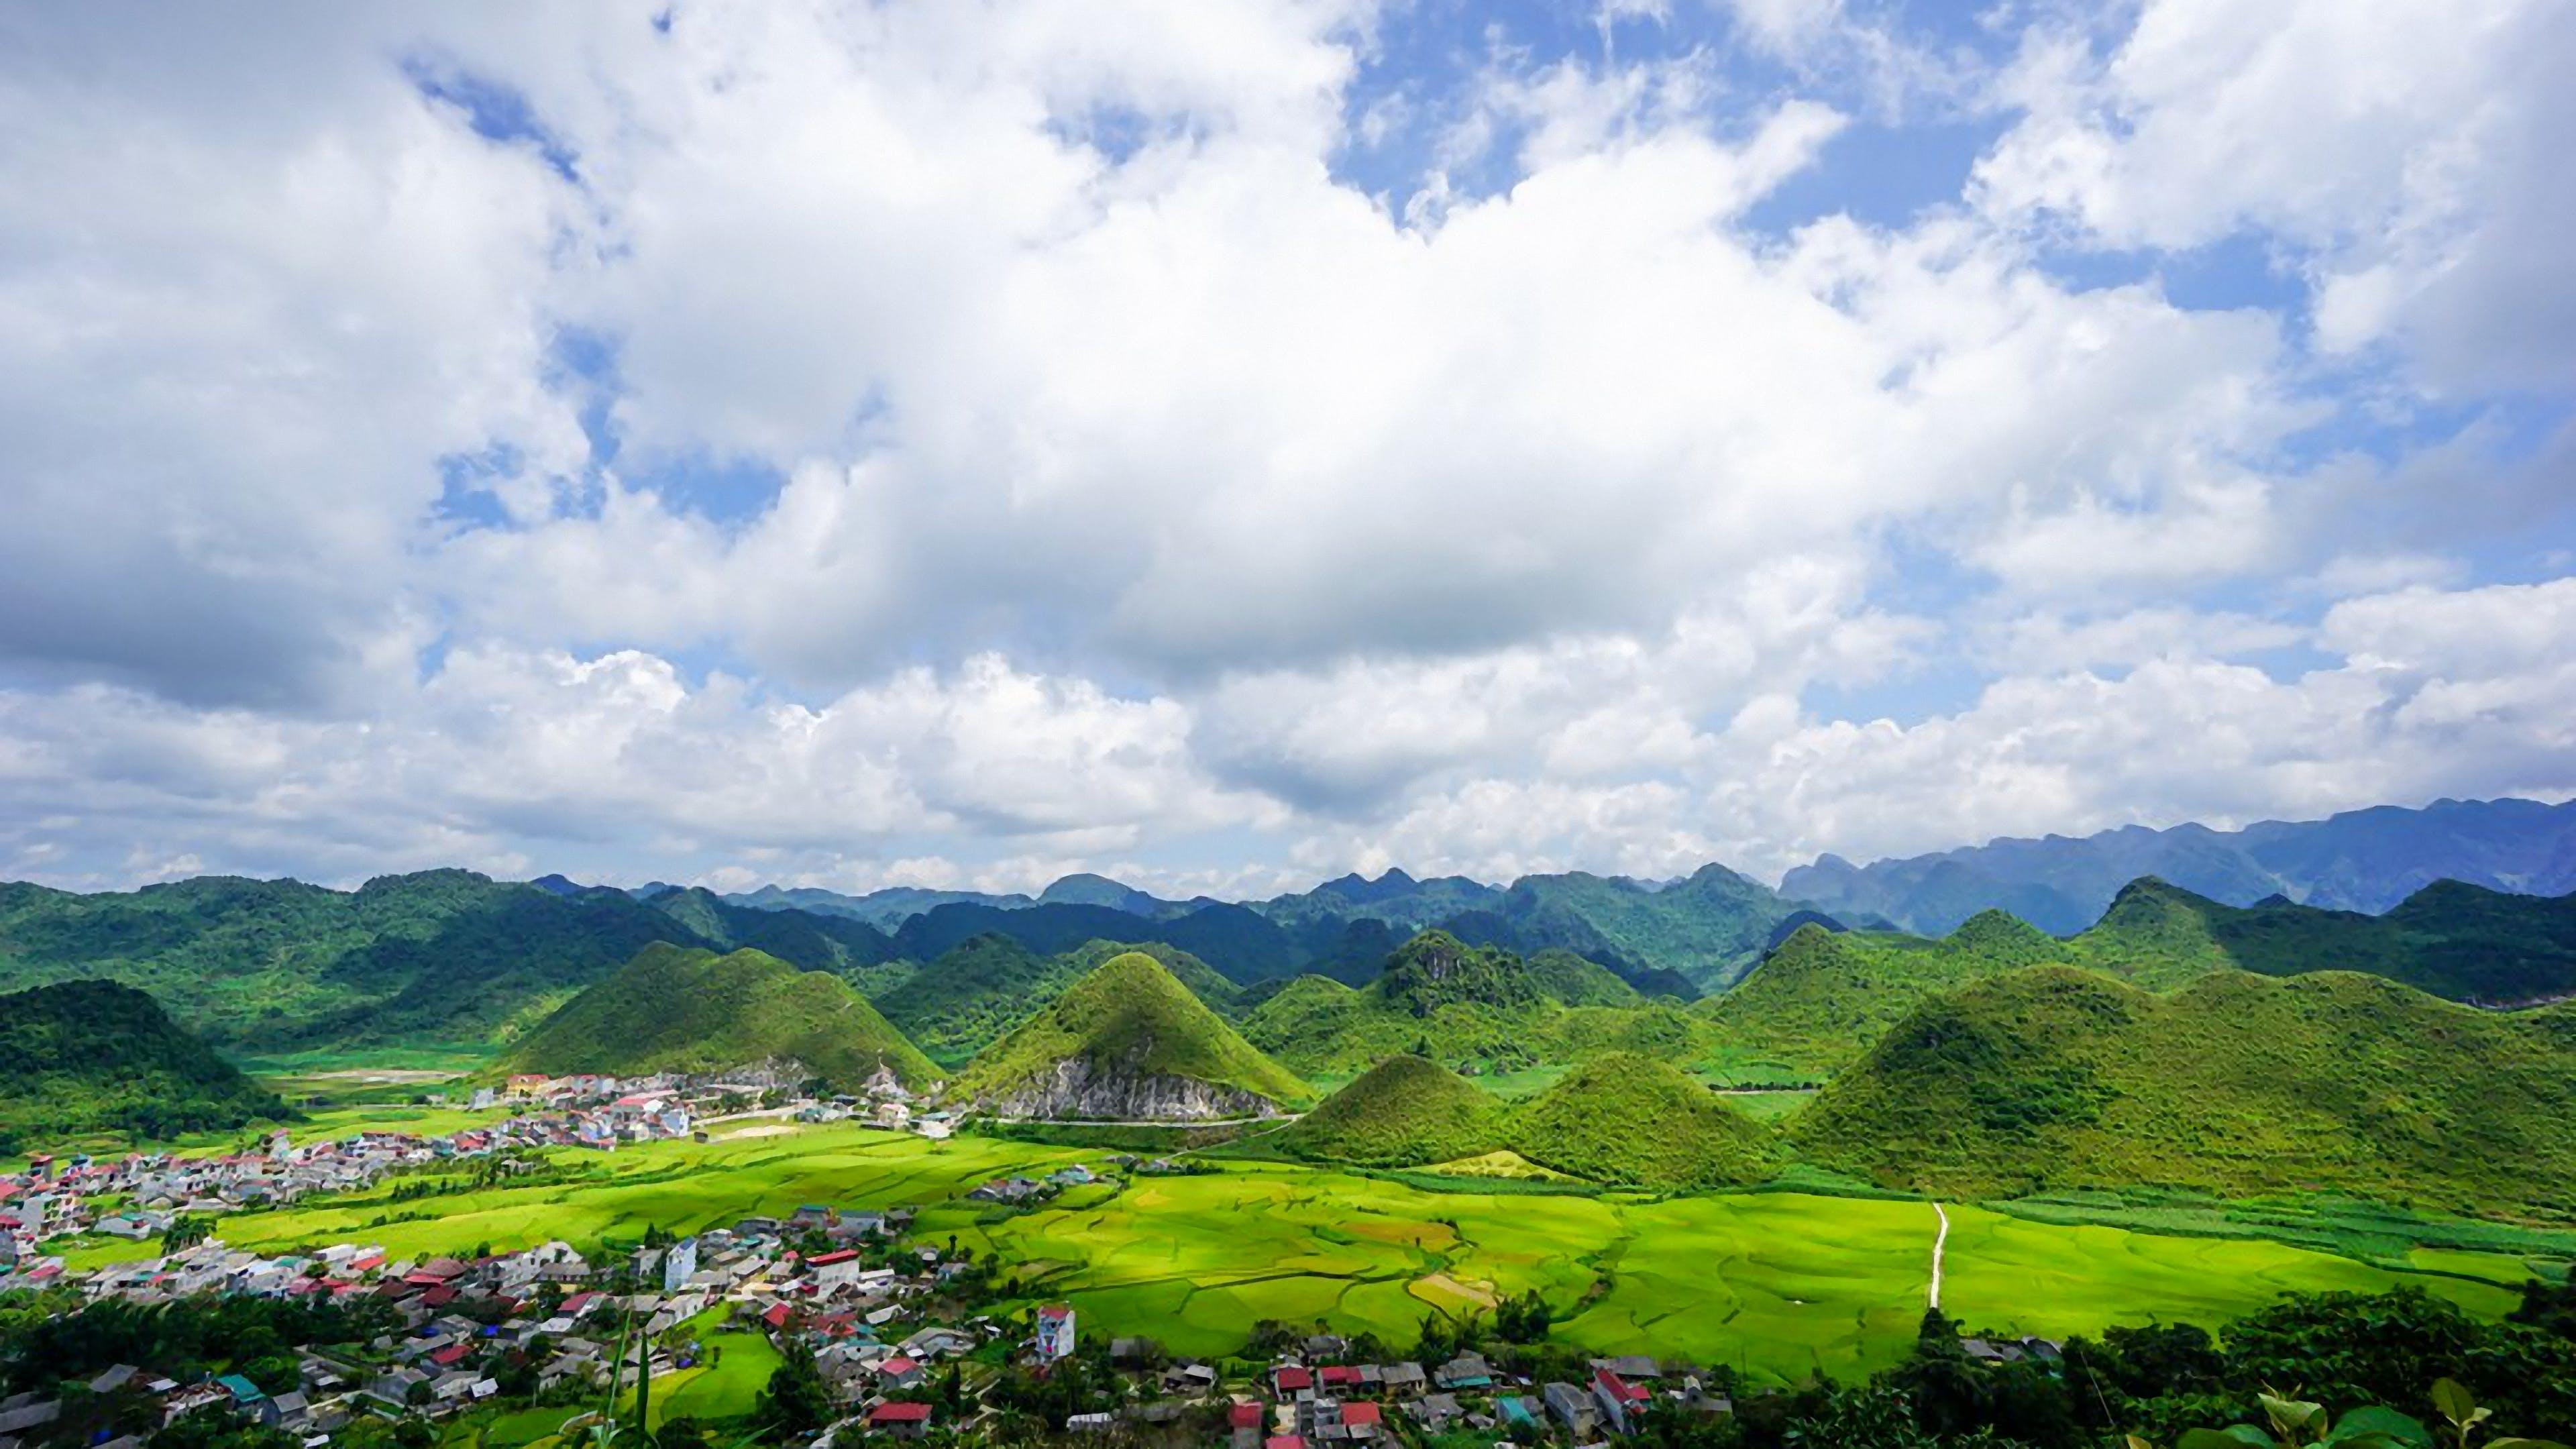 Green Hills Under Cloudy Sky